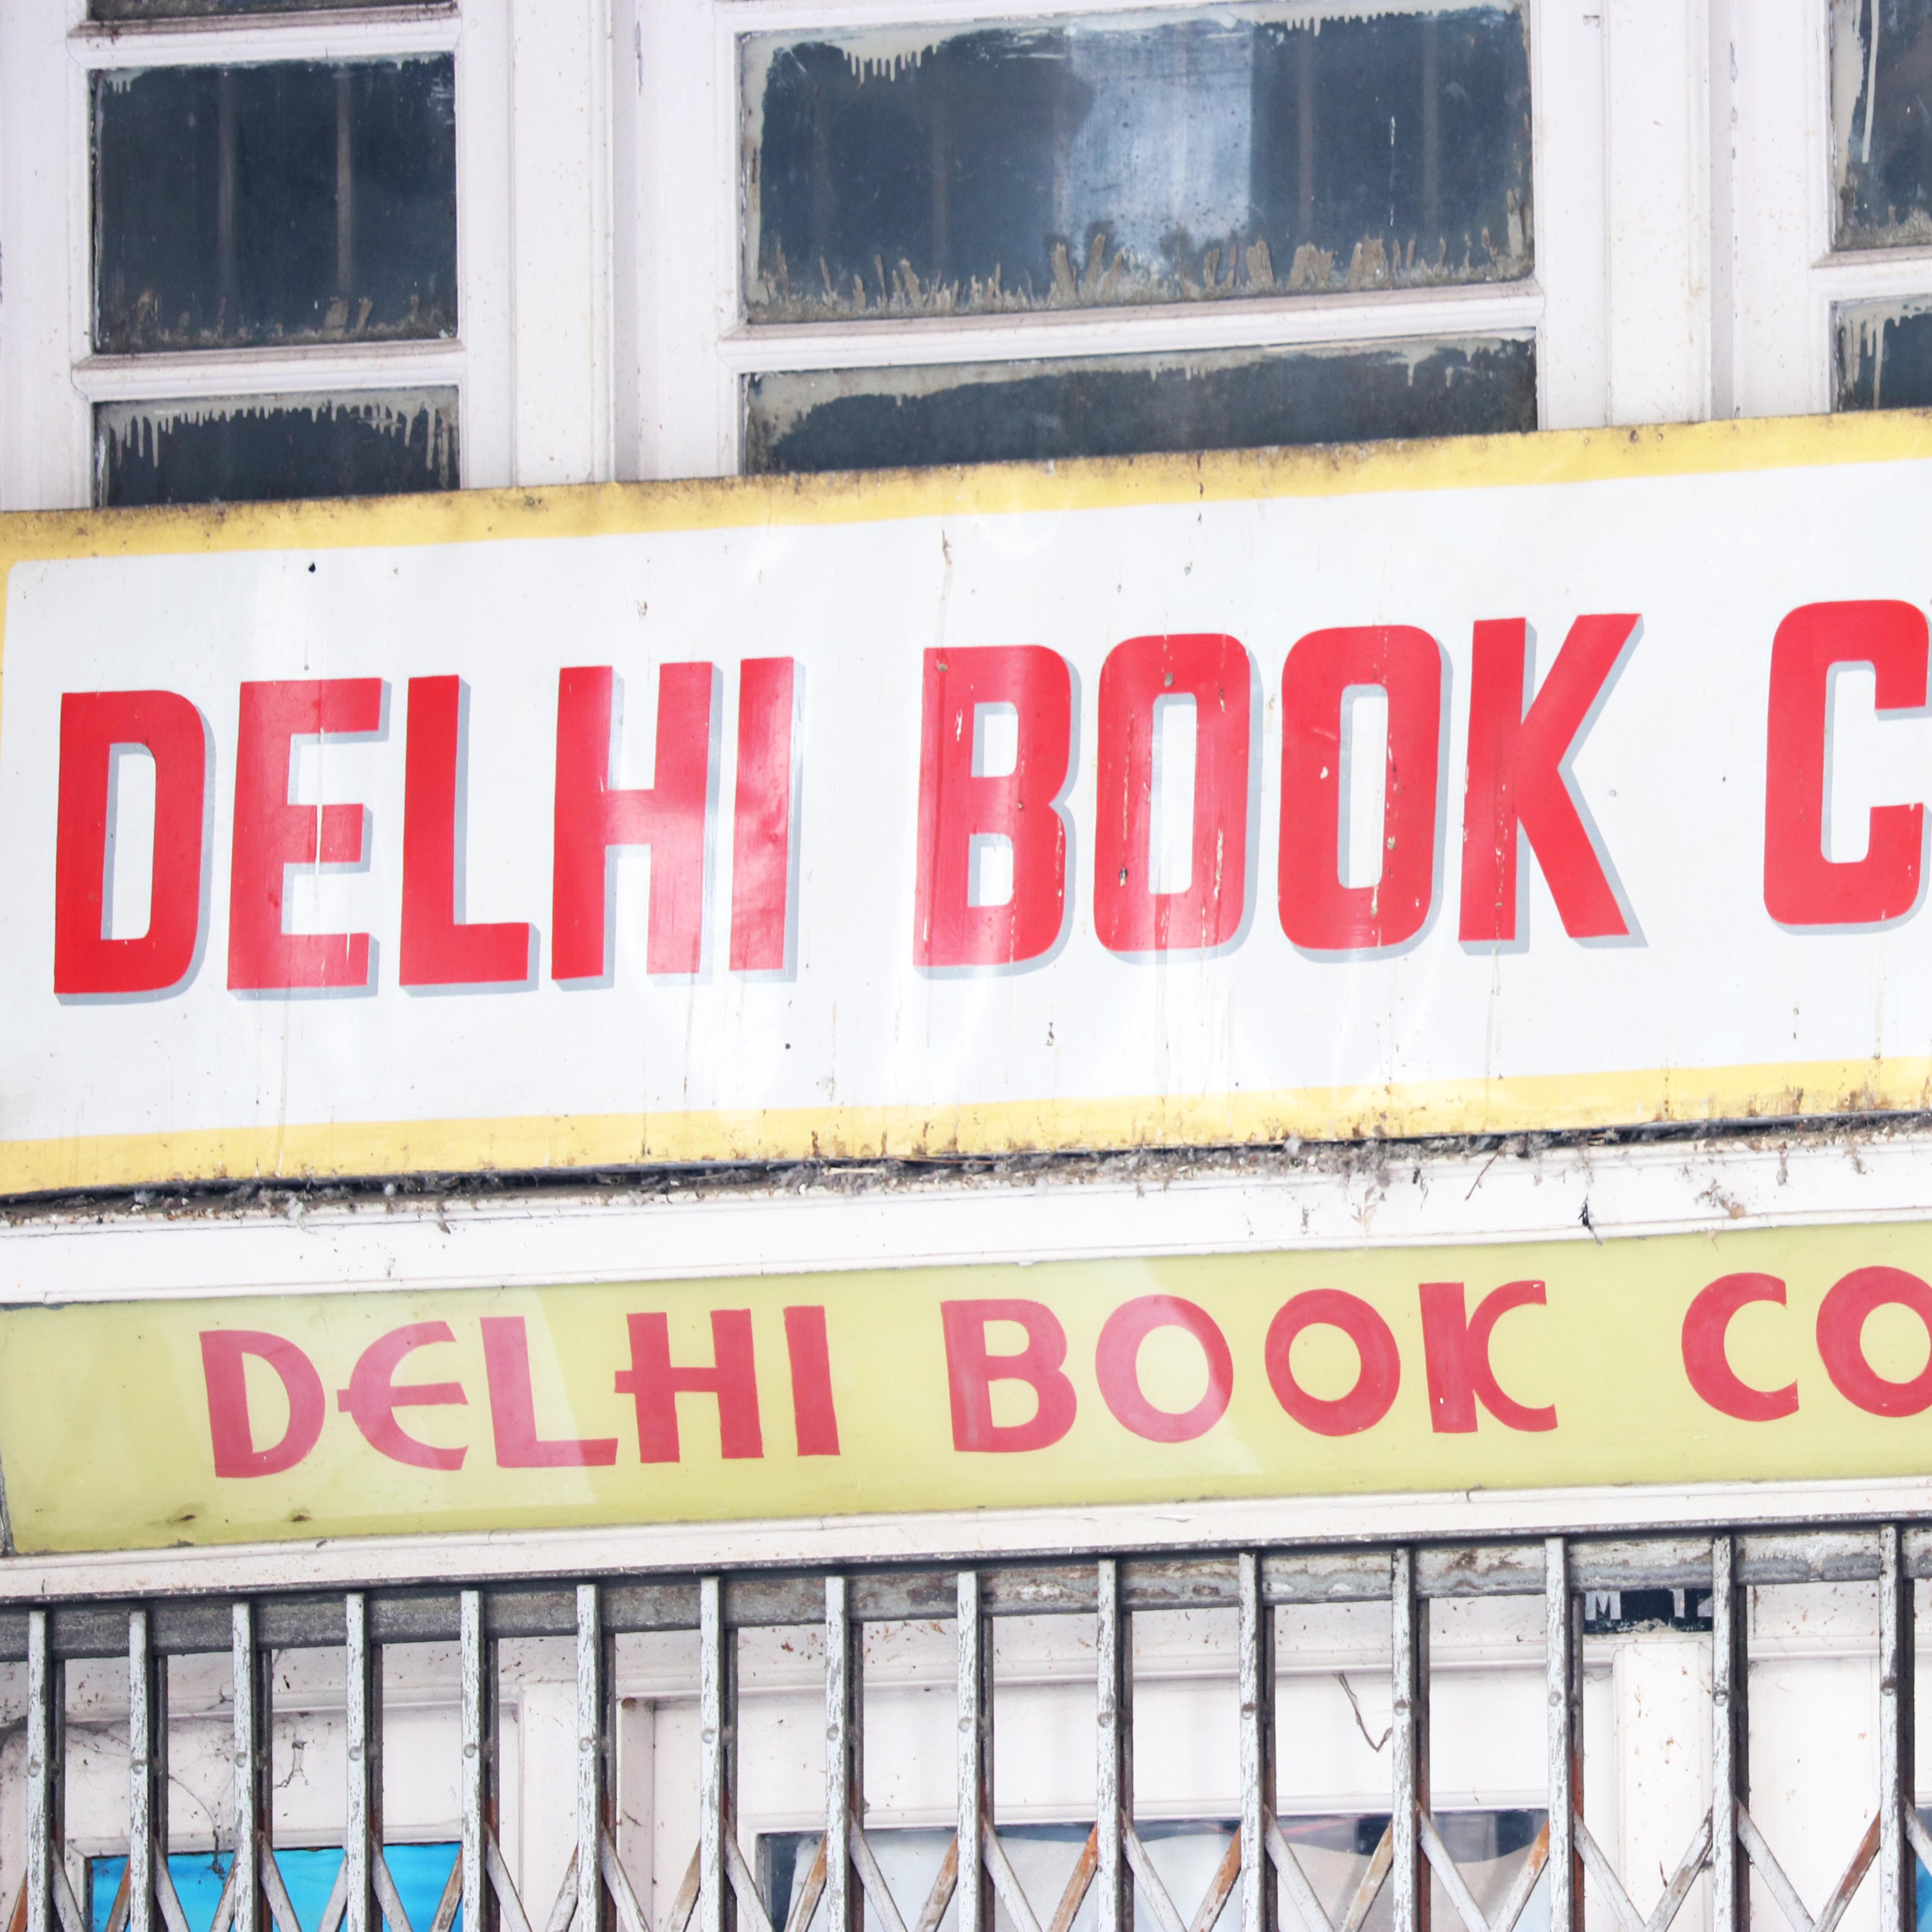 Delhi Book Company